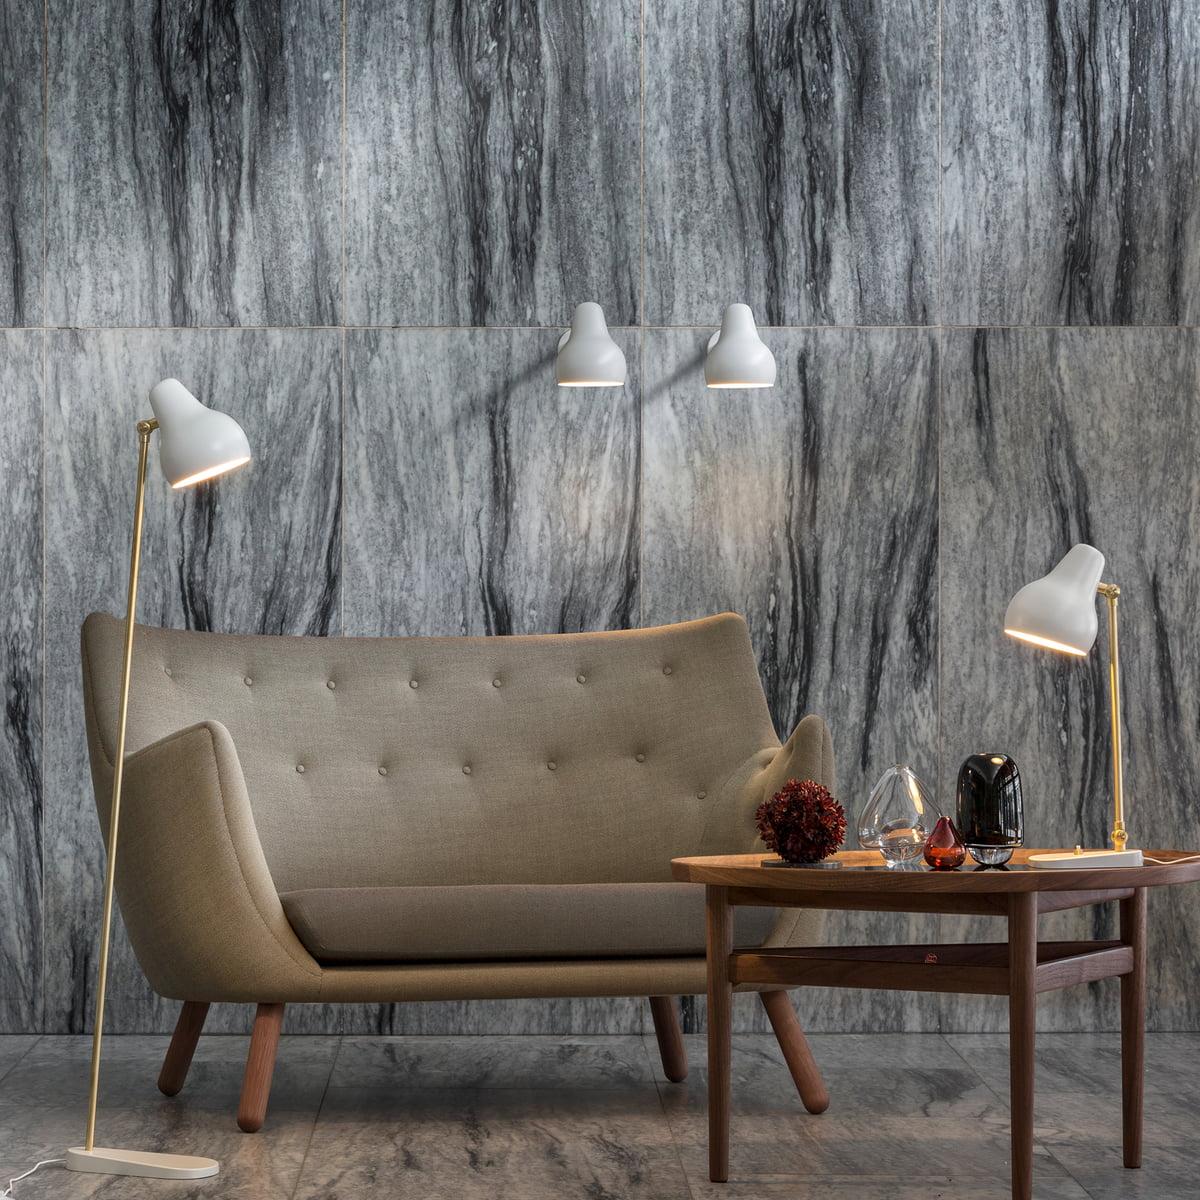 vl38 led stehleuchte von louis poulsen connox. Black Bedroom Furniture Sets. Home Design Ideas